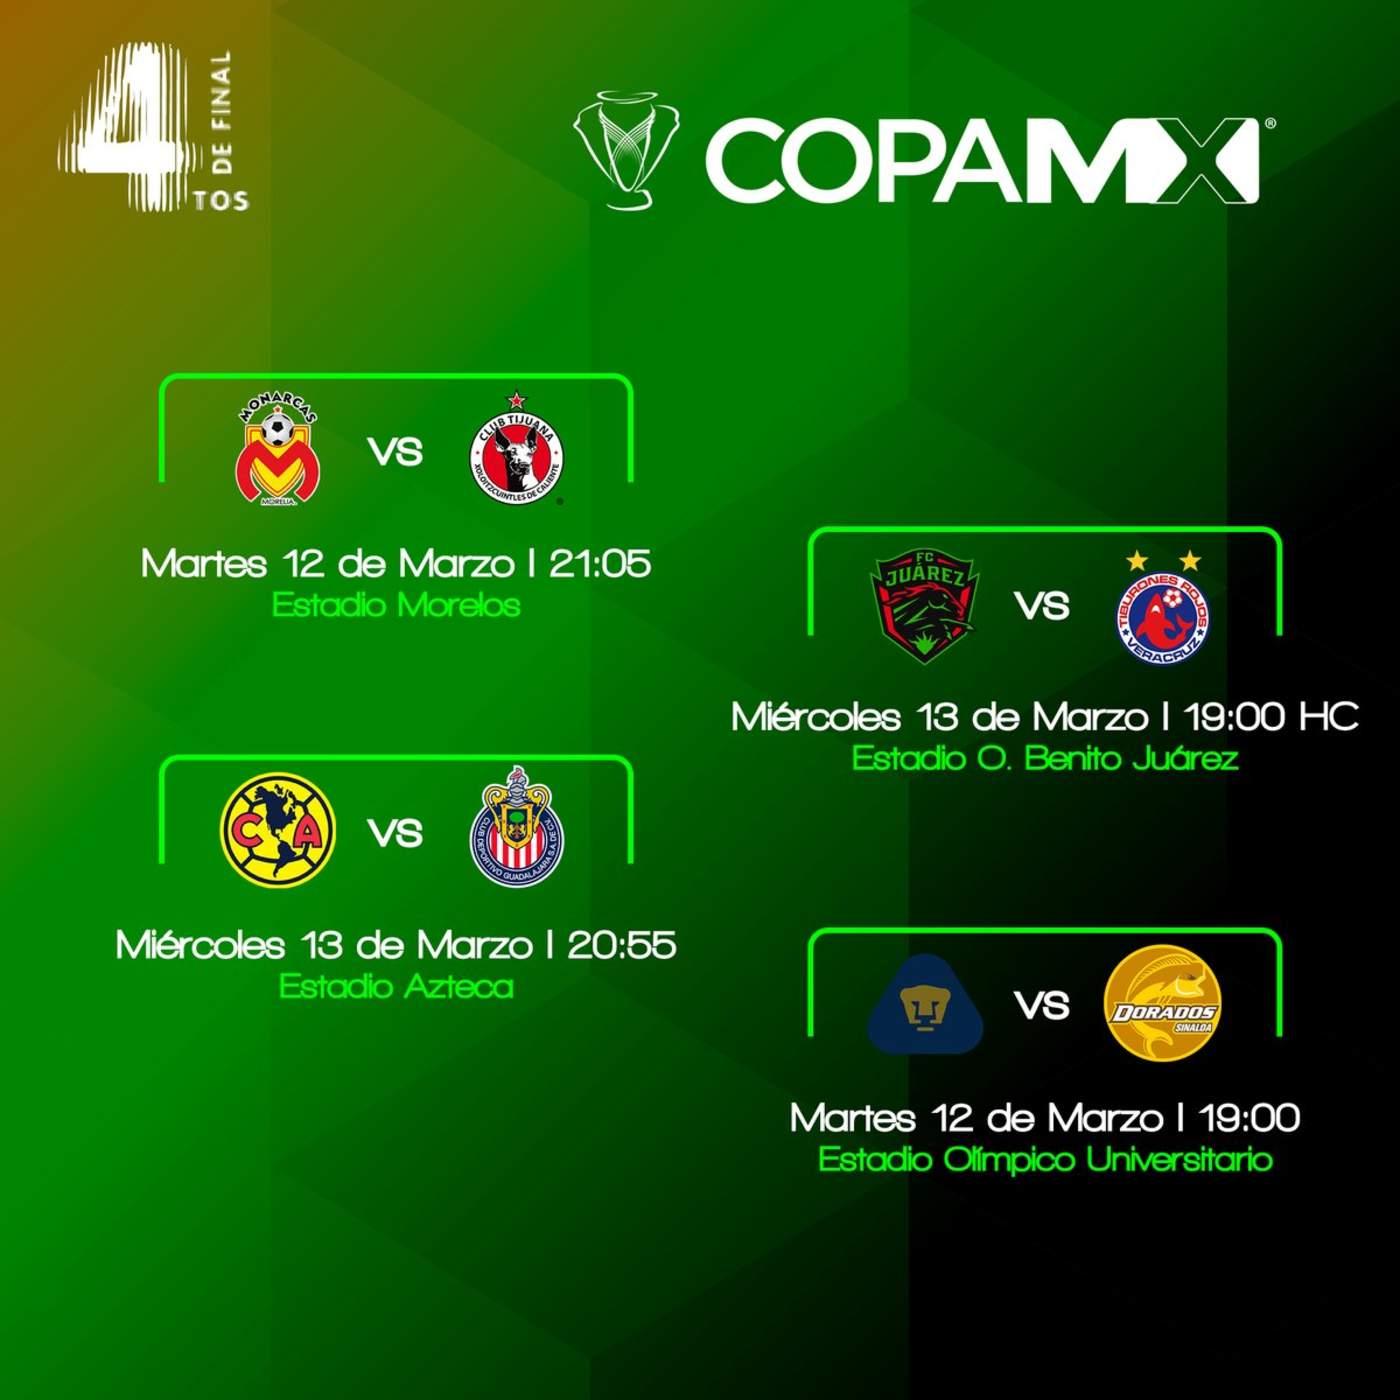 Definieron fechas y horarios de cuartos de Copa, El Siglo ... - photo#41